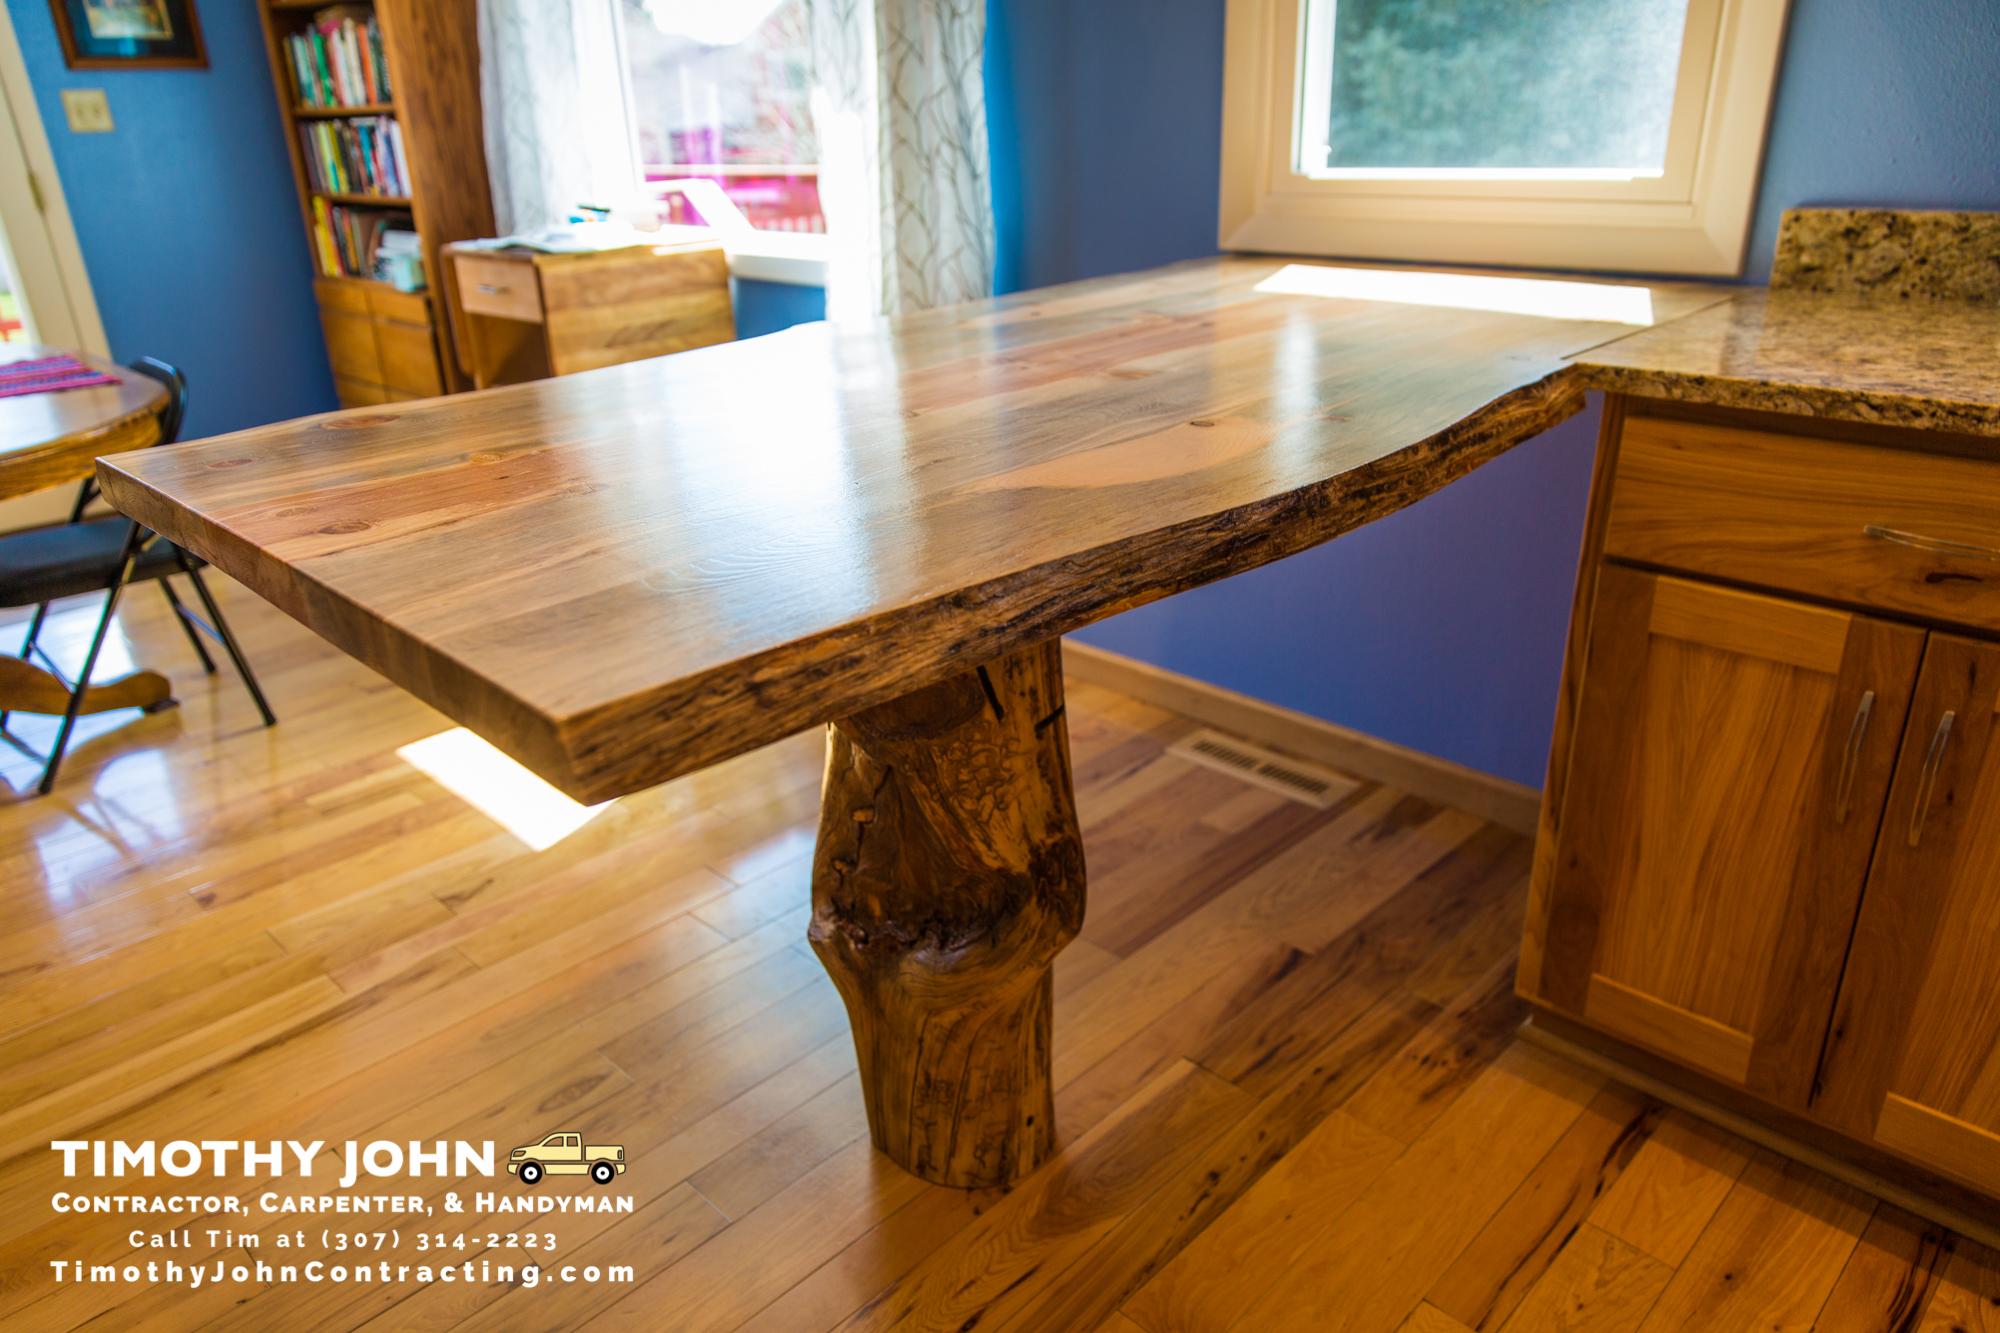 Timothy-John-Woodworking-Furniture-Carpenter-Laramie-Wyoming-Seneca-Creek-Studios-190503-SCS11033-150.jpg